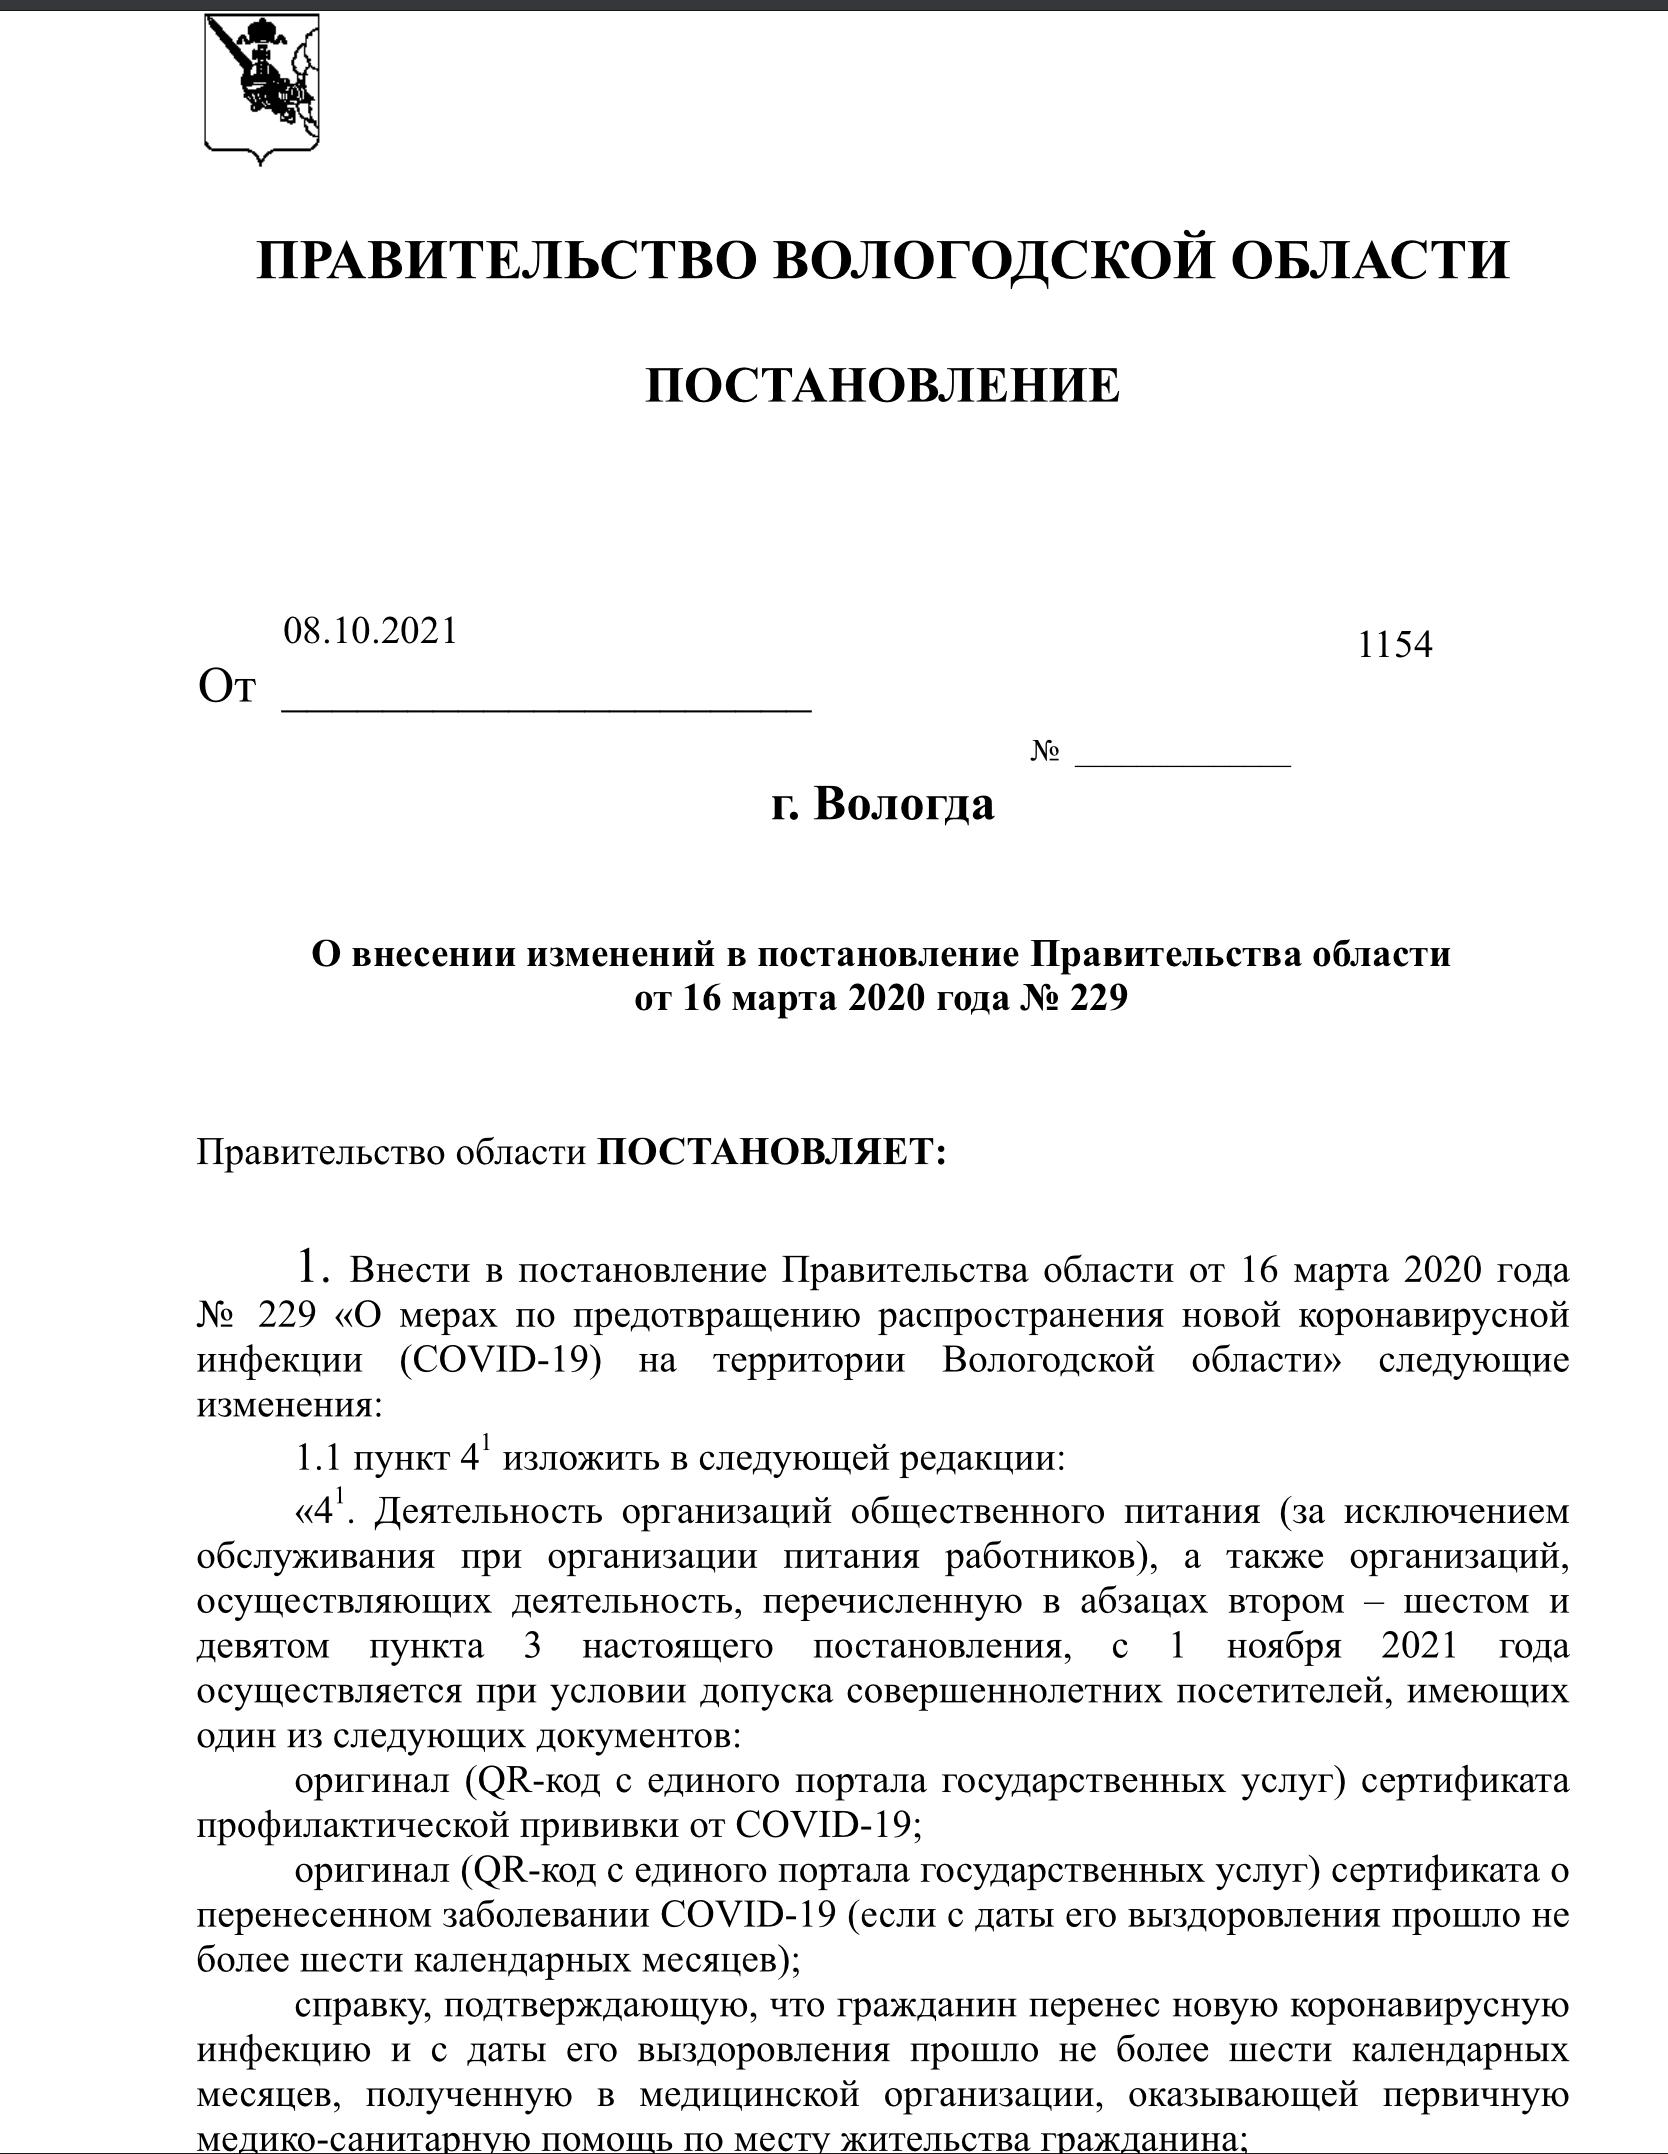 Куар-коды в Вологодской области и цифровой концлагерь лицемера Кувшинникова (2).PNG